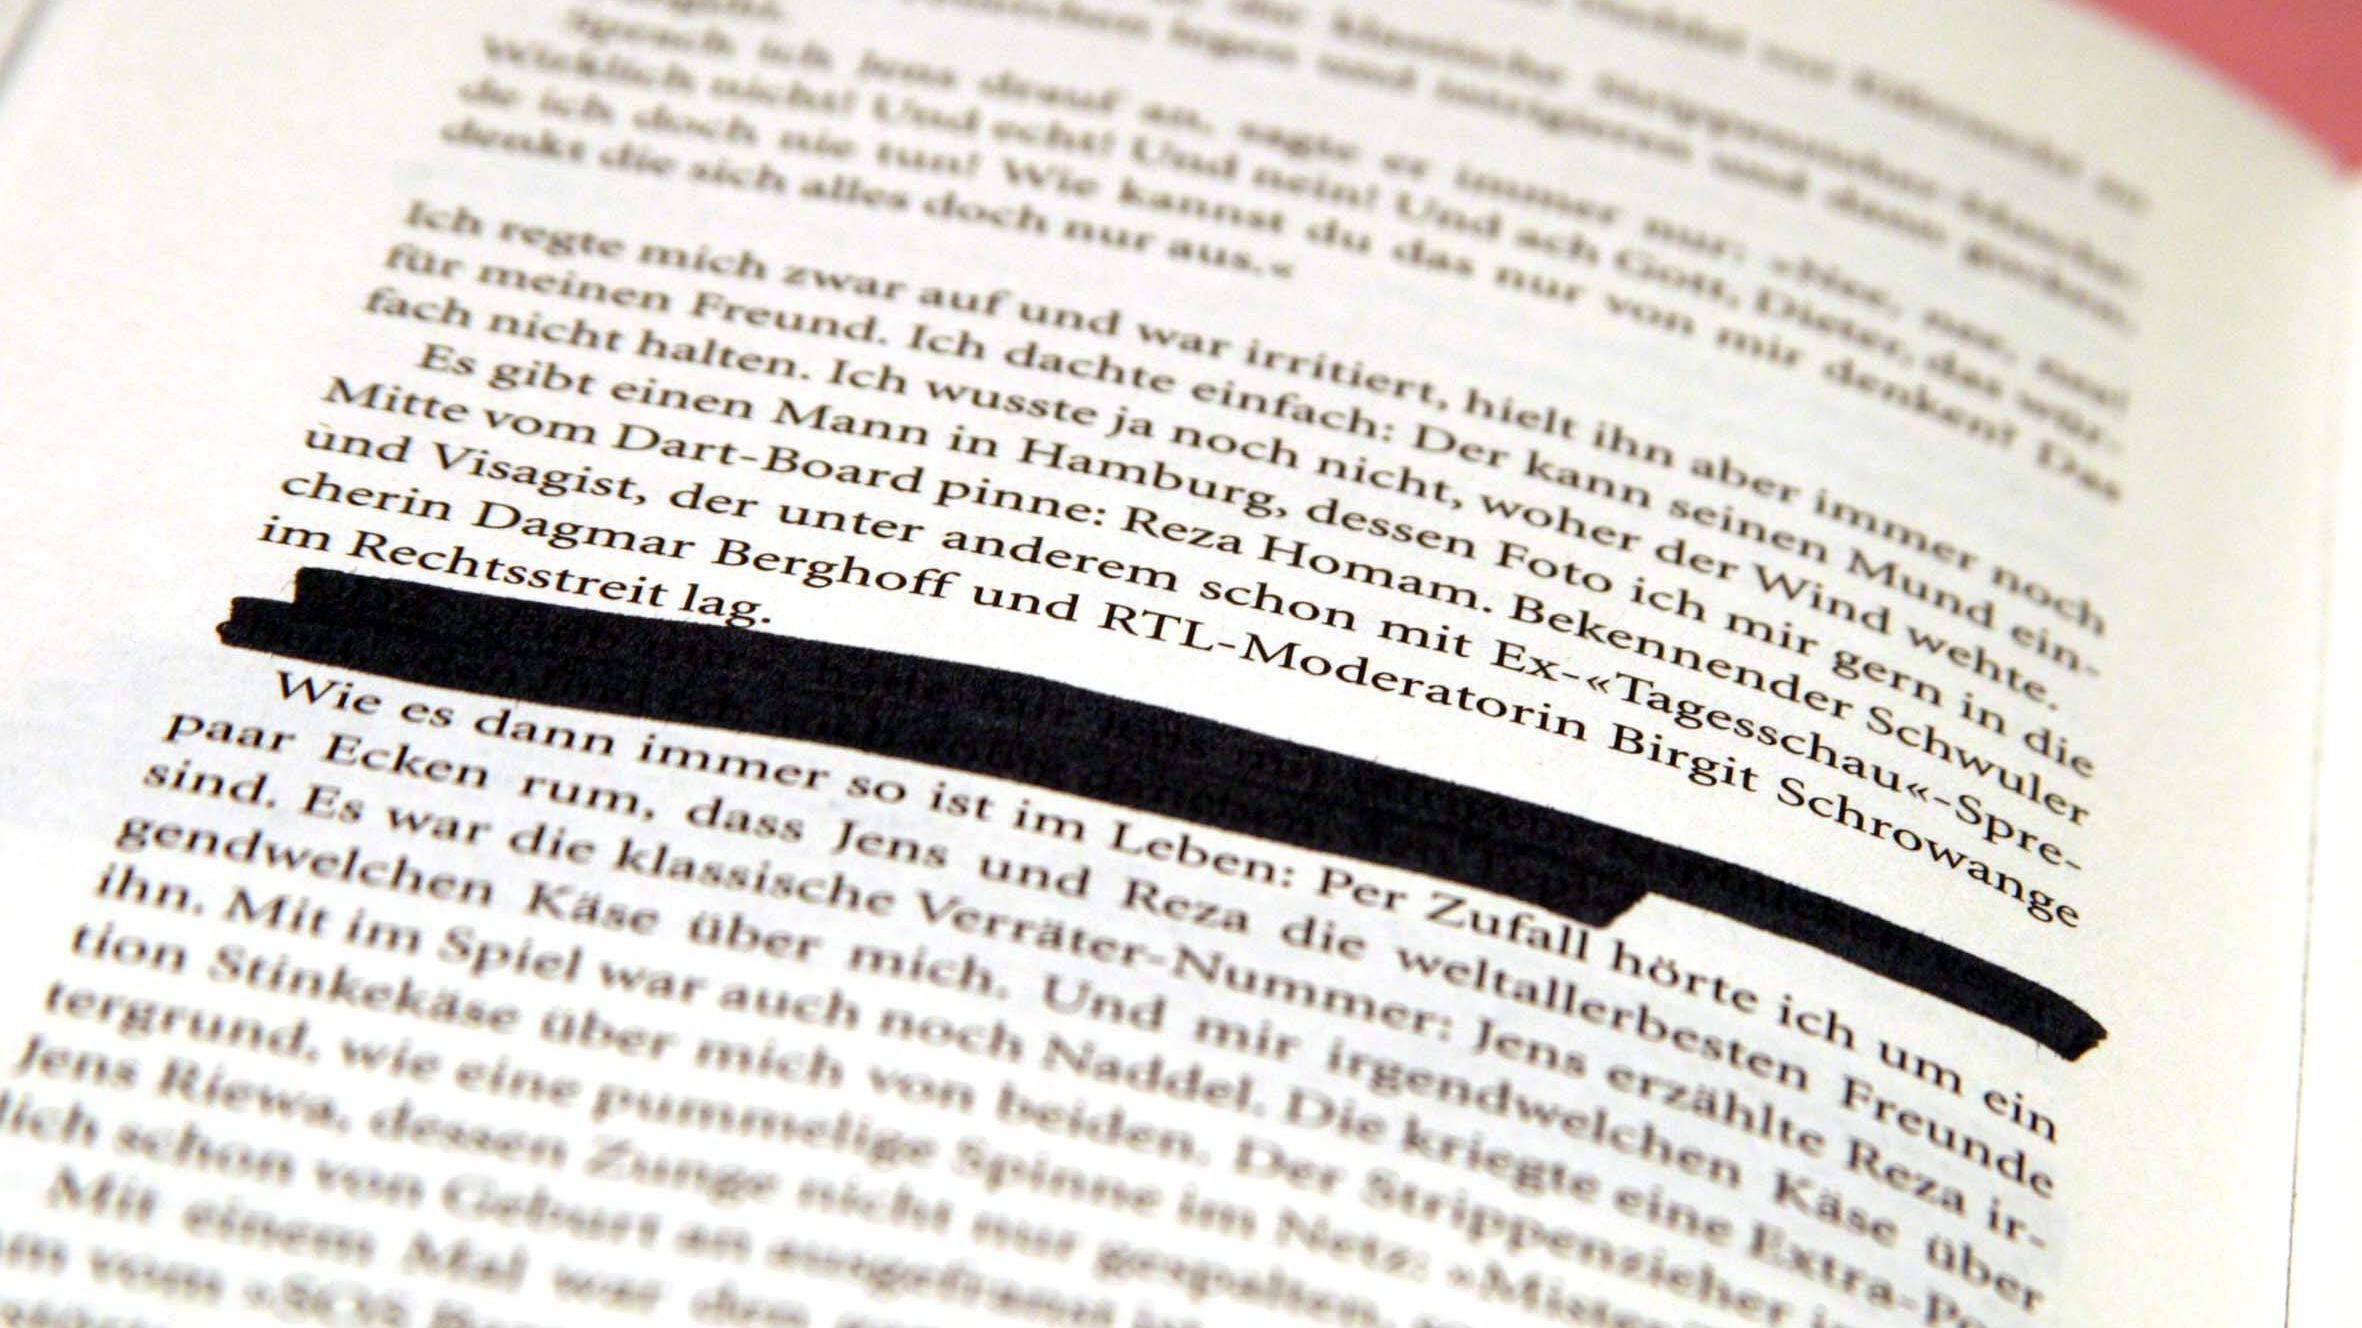 PDF schwärzen kostenlos: So geht's